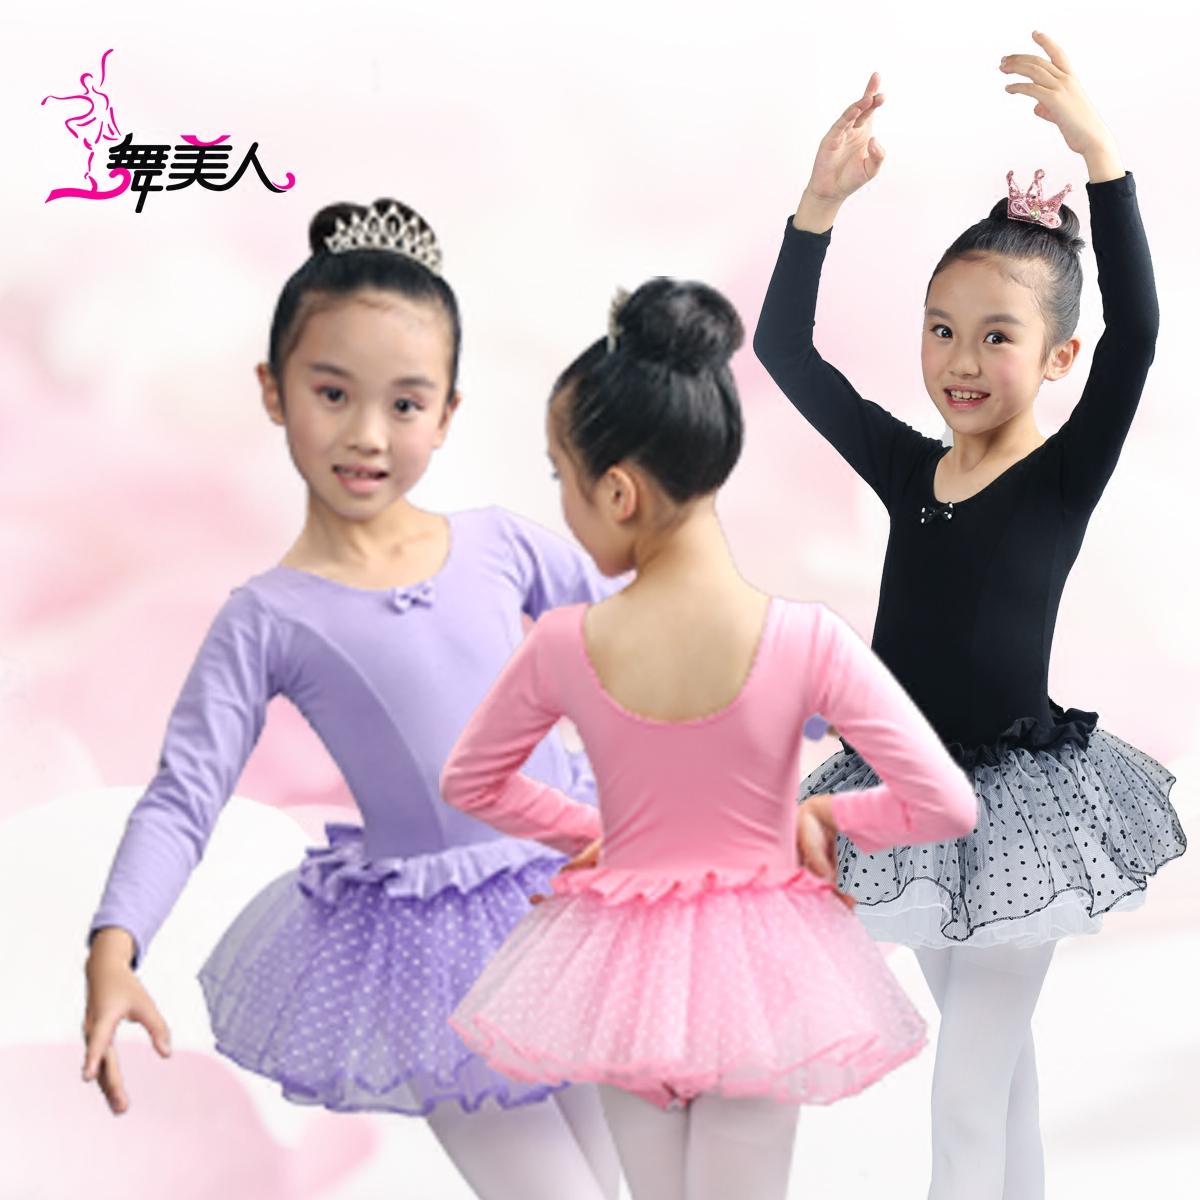 幼少兒女童舞蹈服裝芭蕾舞紗裙蓬蓬裙跳舞練功服表演出合唱服